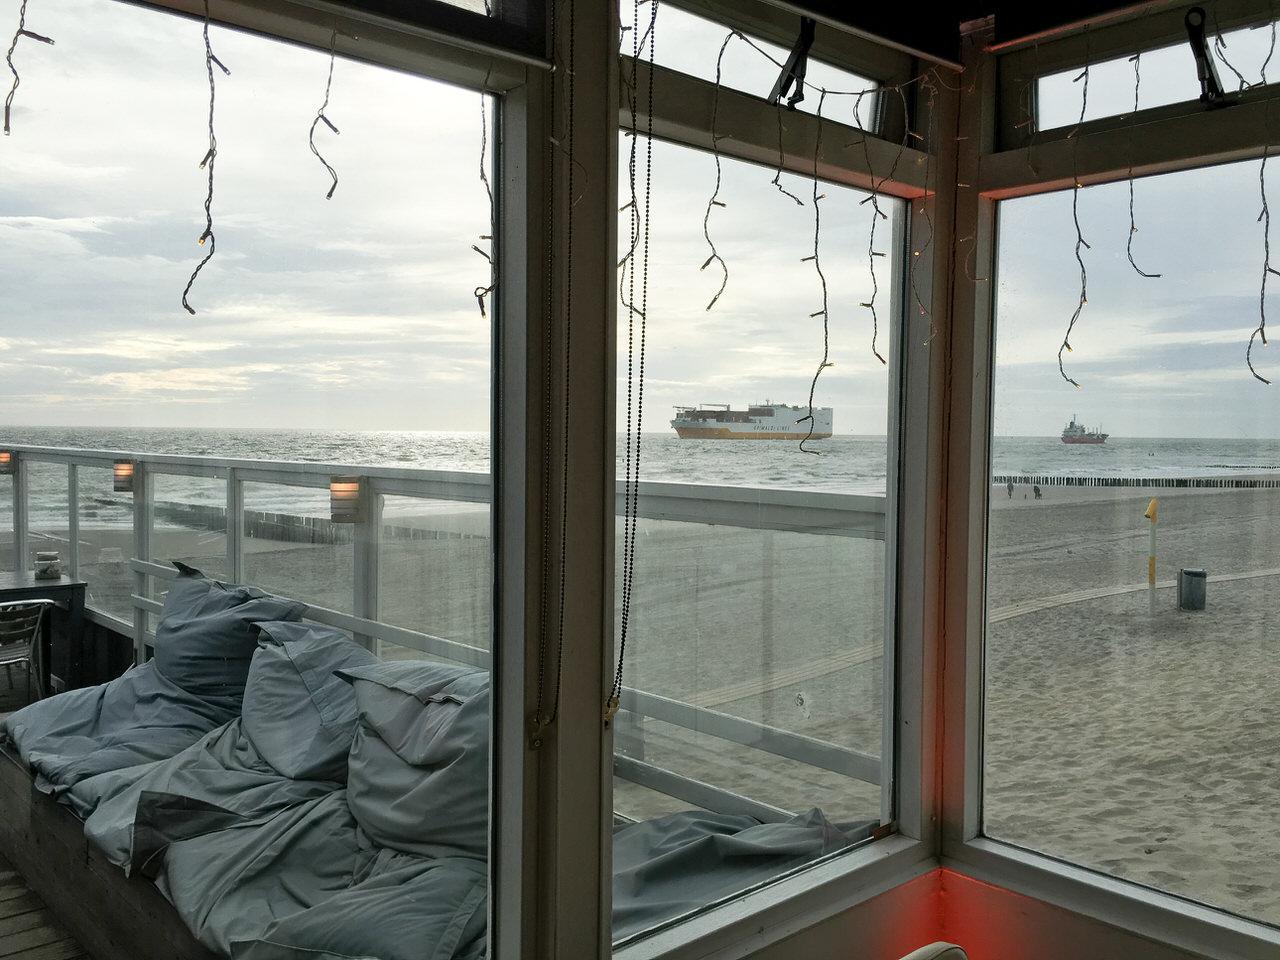 Auflegen mit Ausblick auf Strand, Meer und Ozean-Dampfer. Foto: Andreas Paul / Paul van Groove